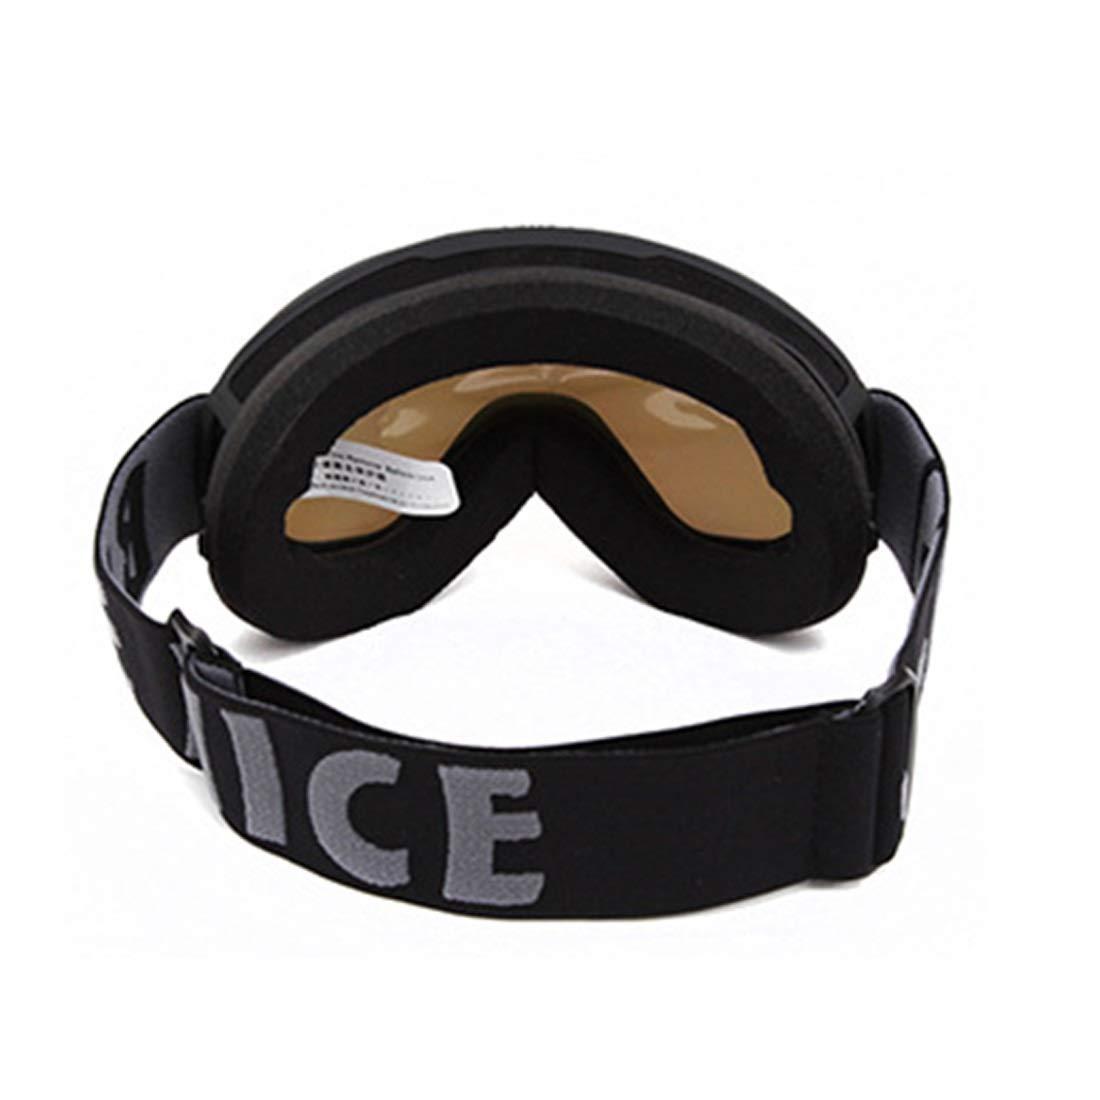 KERVINZHANG Maschera da immersione Maschera Maschera Maschera da immersione Maschera da immersione antiappannamento per principianti lente in vetro per lo snorkeling (Coloree   7) | Rifornimento Sufficiente  | il prezzo delle concessioni  | Vendita  | Caratteristico  | 4eda24